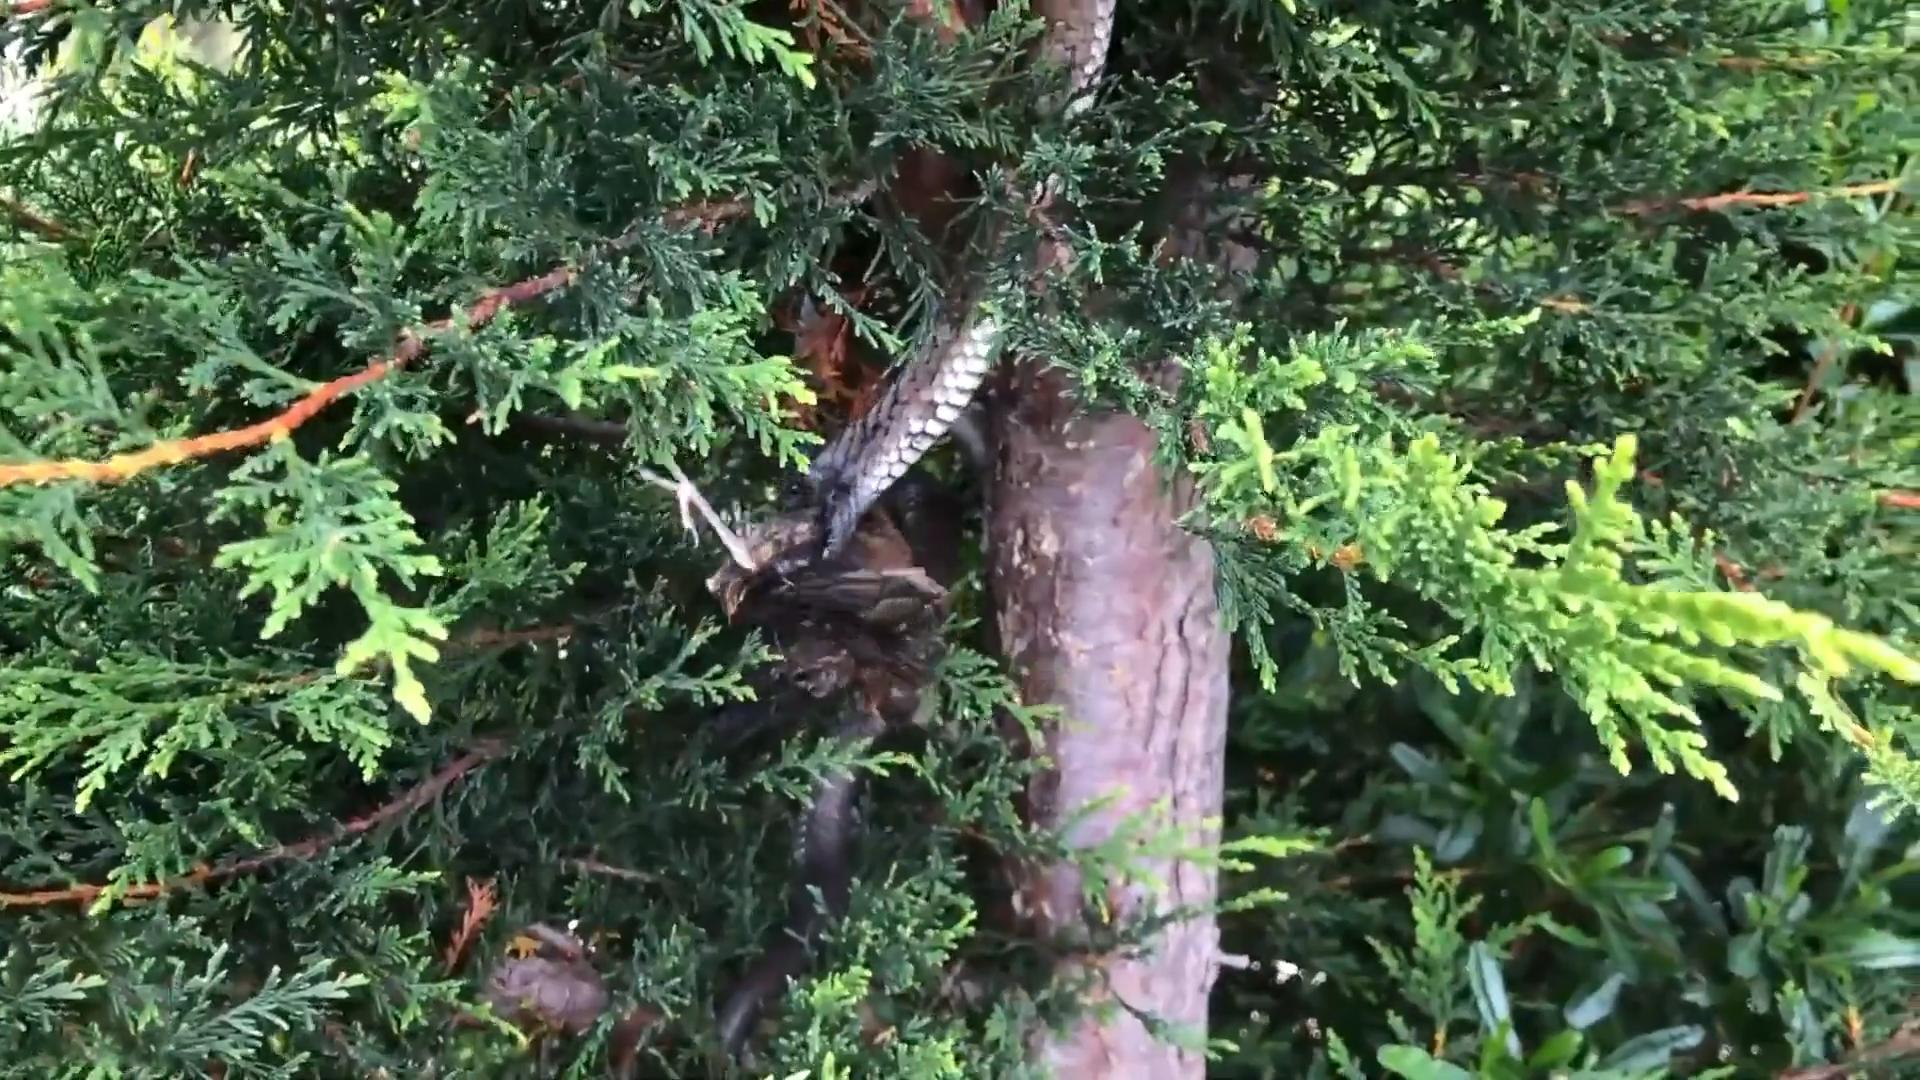 Rắn hổ treo mình trên cây bắt chim